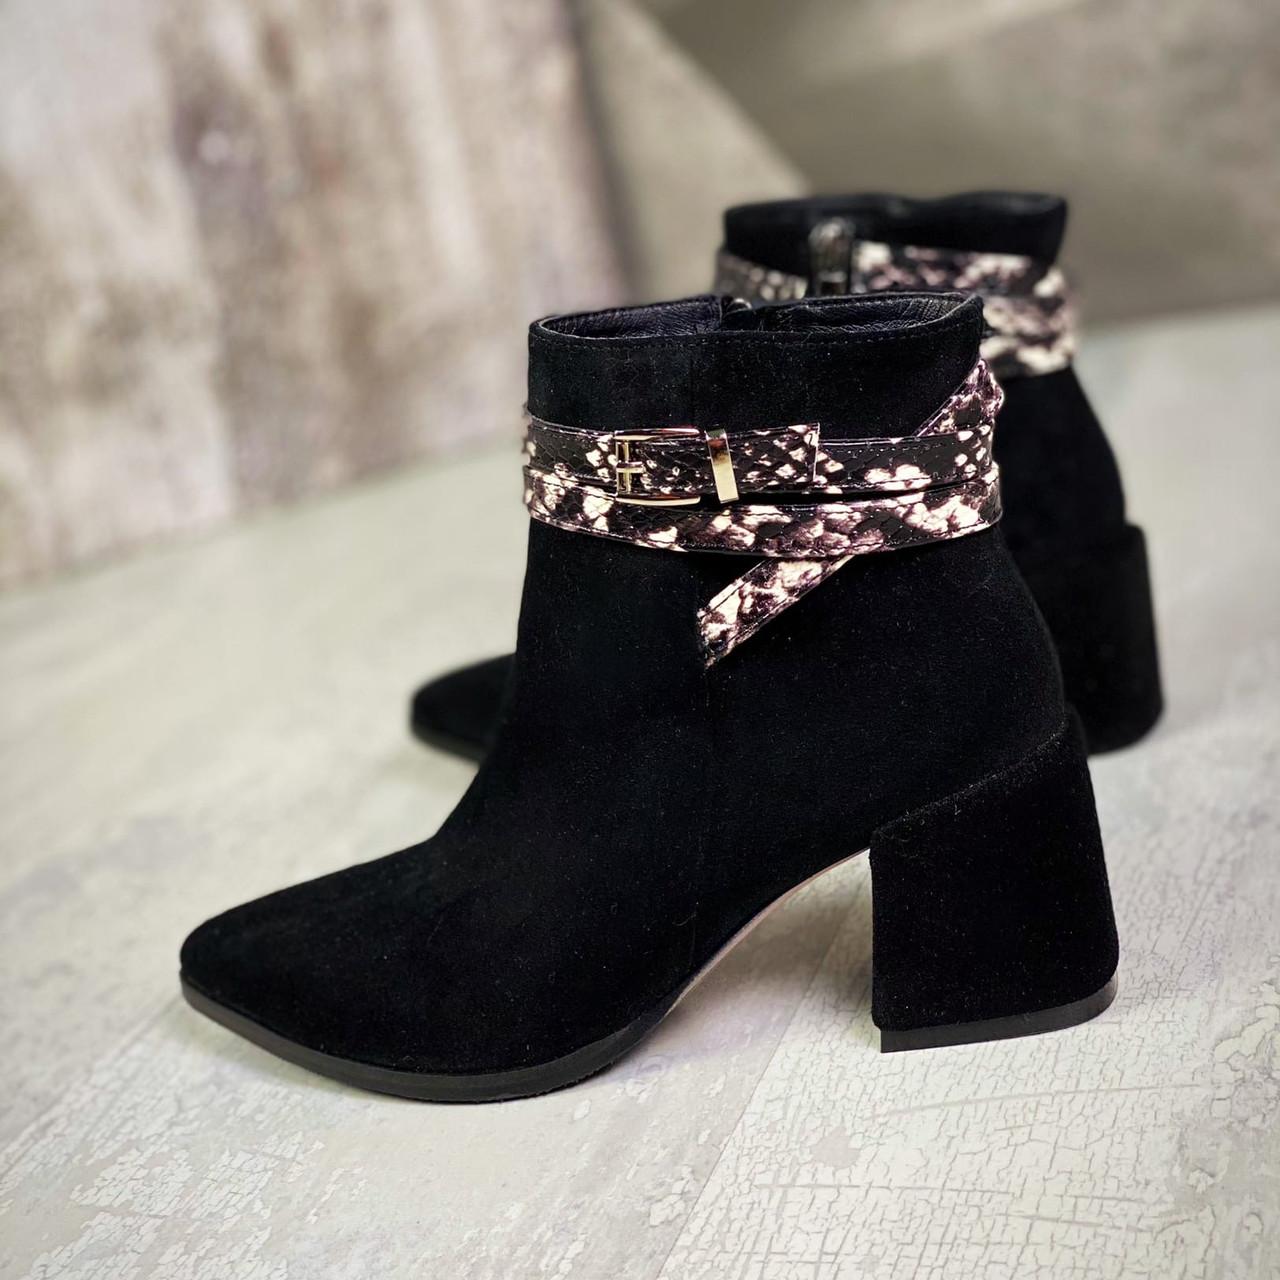 Жіночі замшеві чоботи ботильйони на підборах 36-40 р чорний